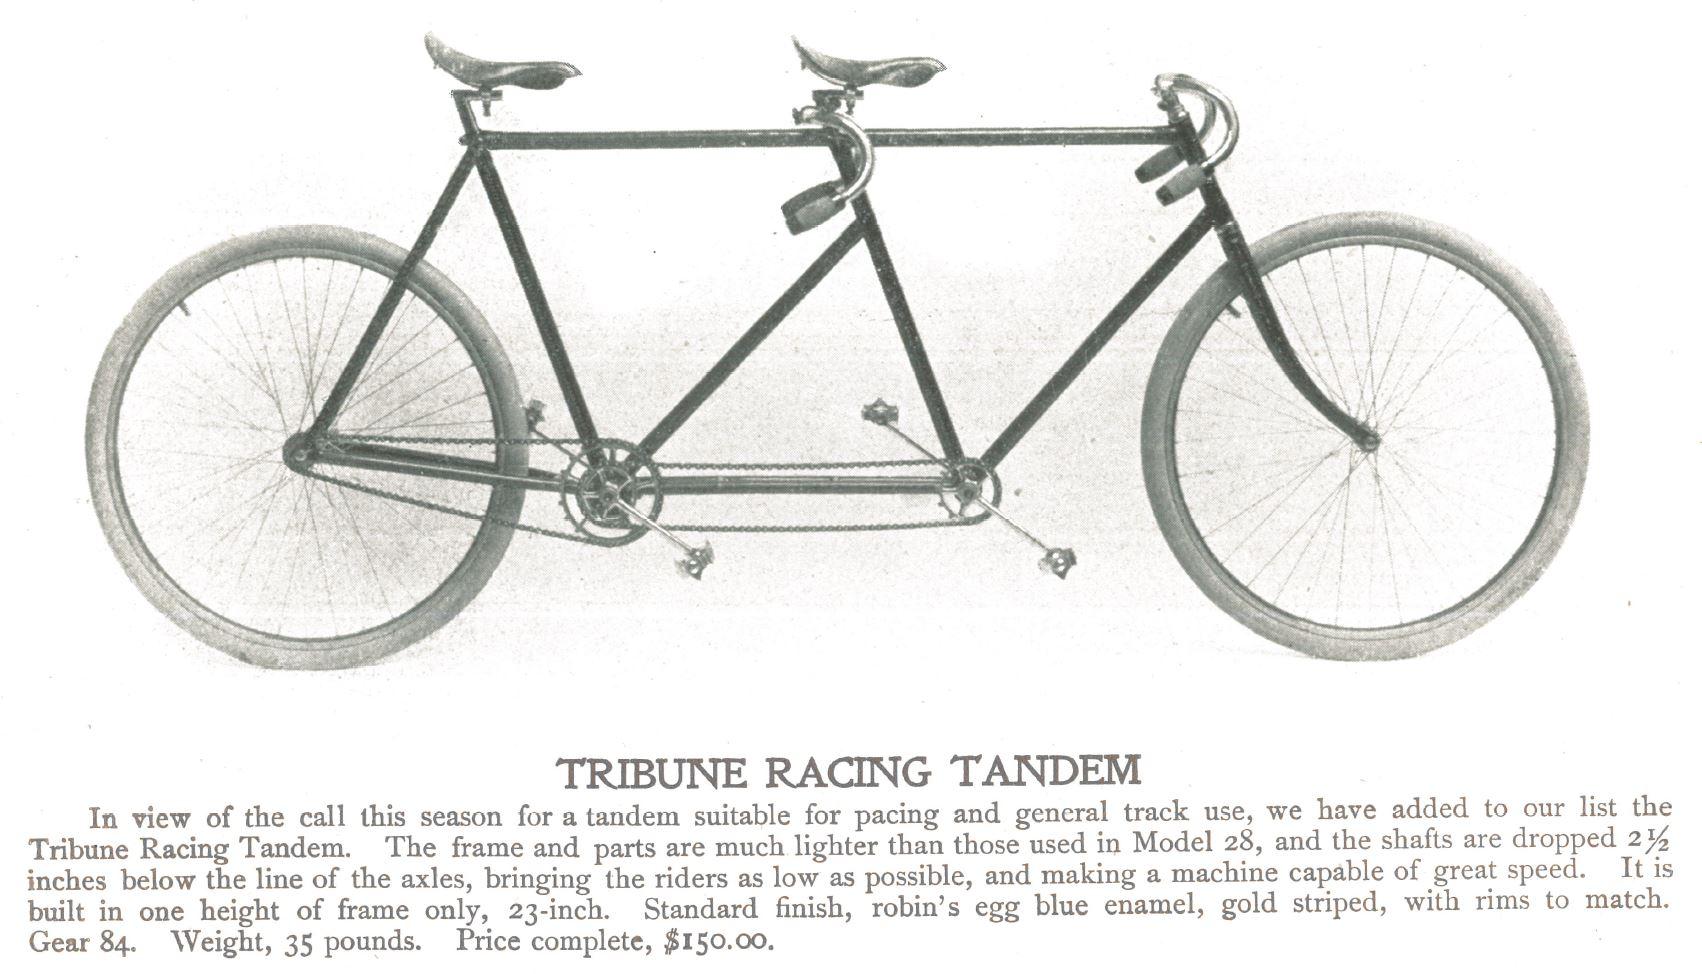 1897 Tribune Racing Tandem.JPG